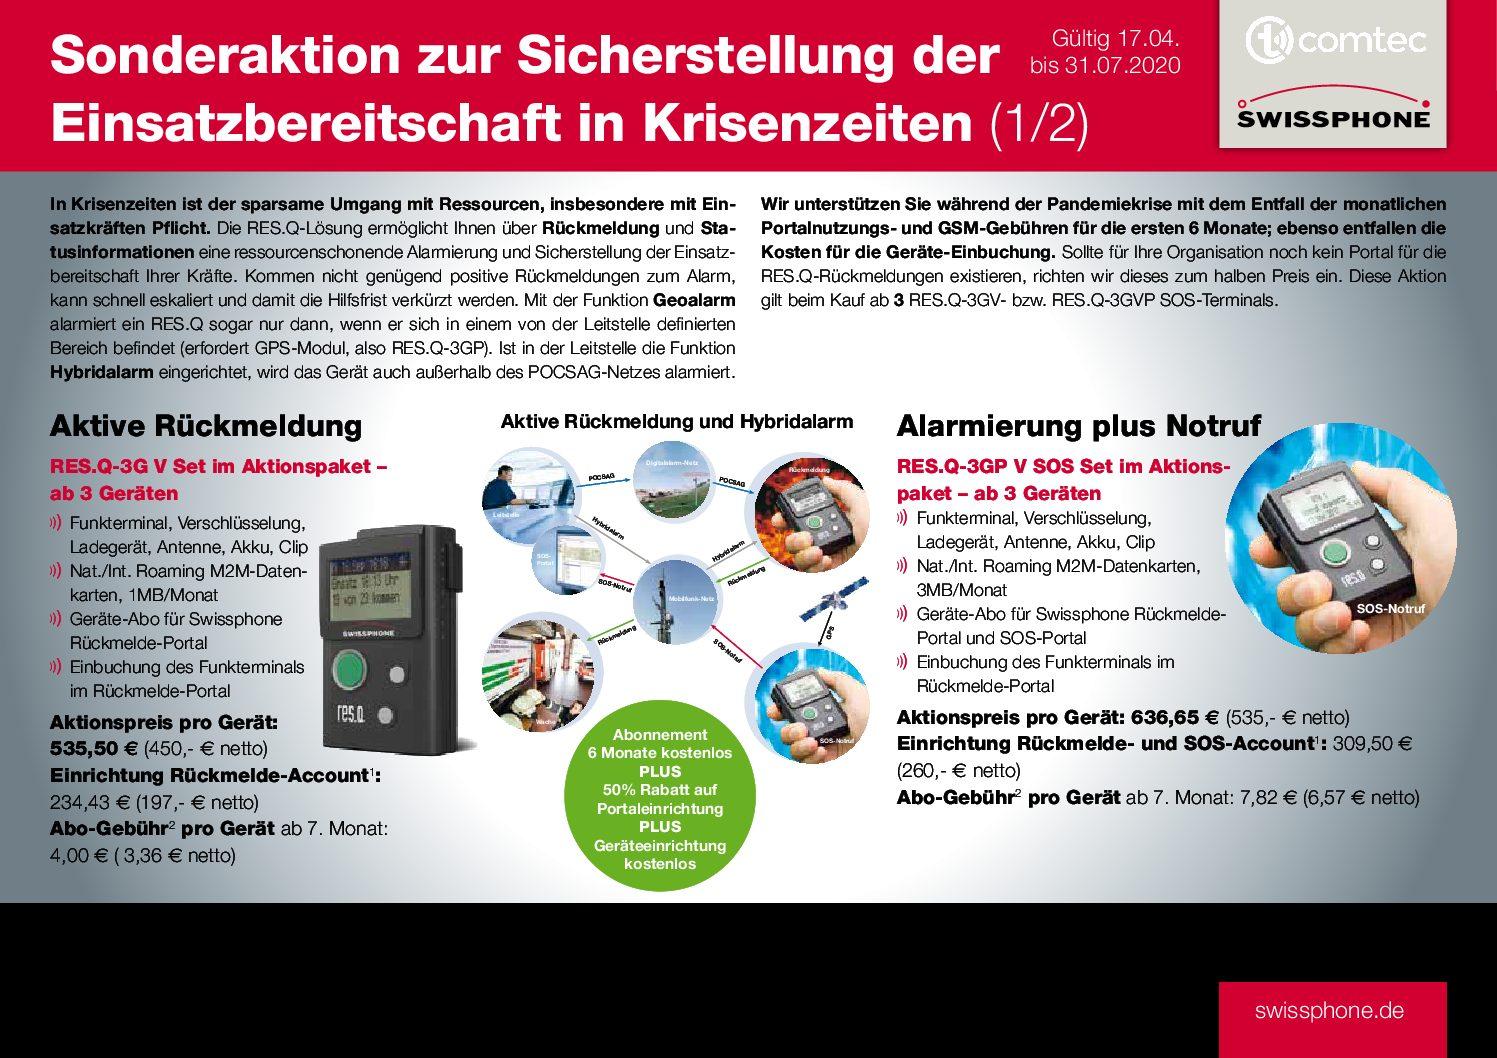 Frühjahrsaktion 2020 Swissphone